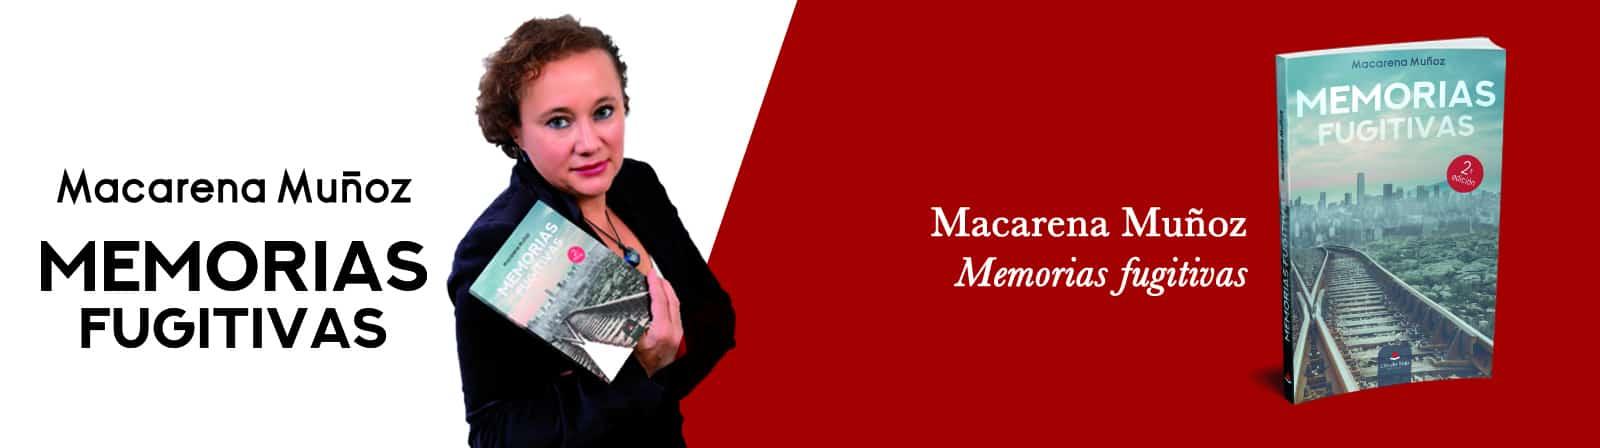 _Macarena Muñoz – Memorias fugitivas